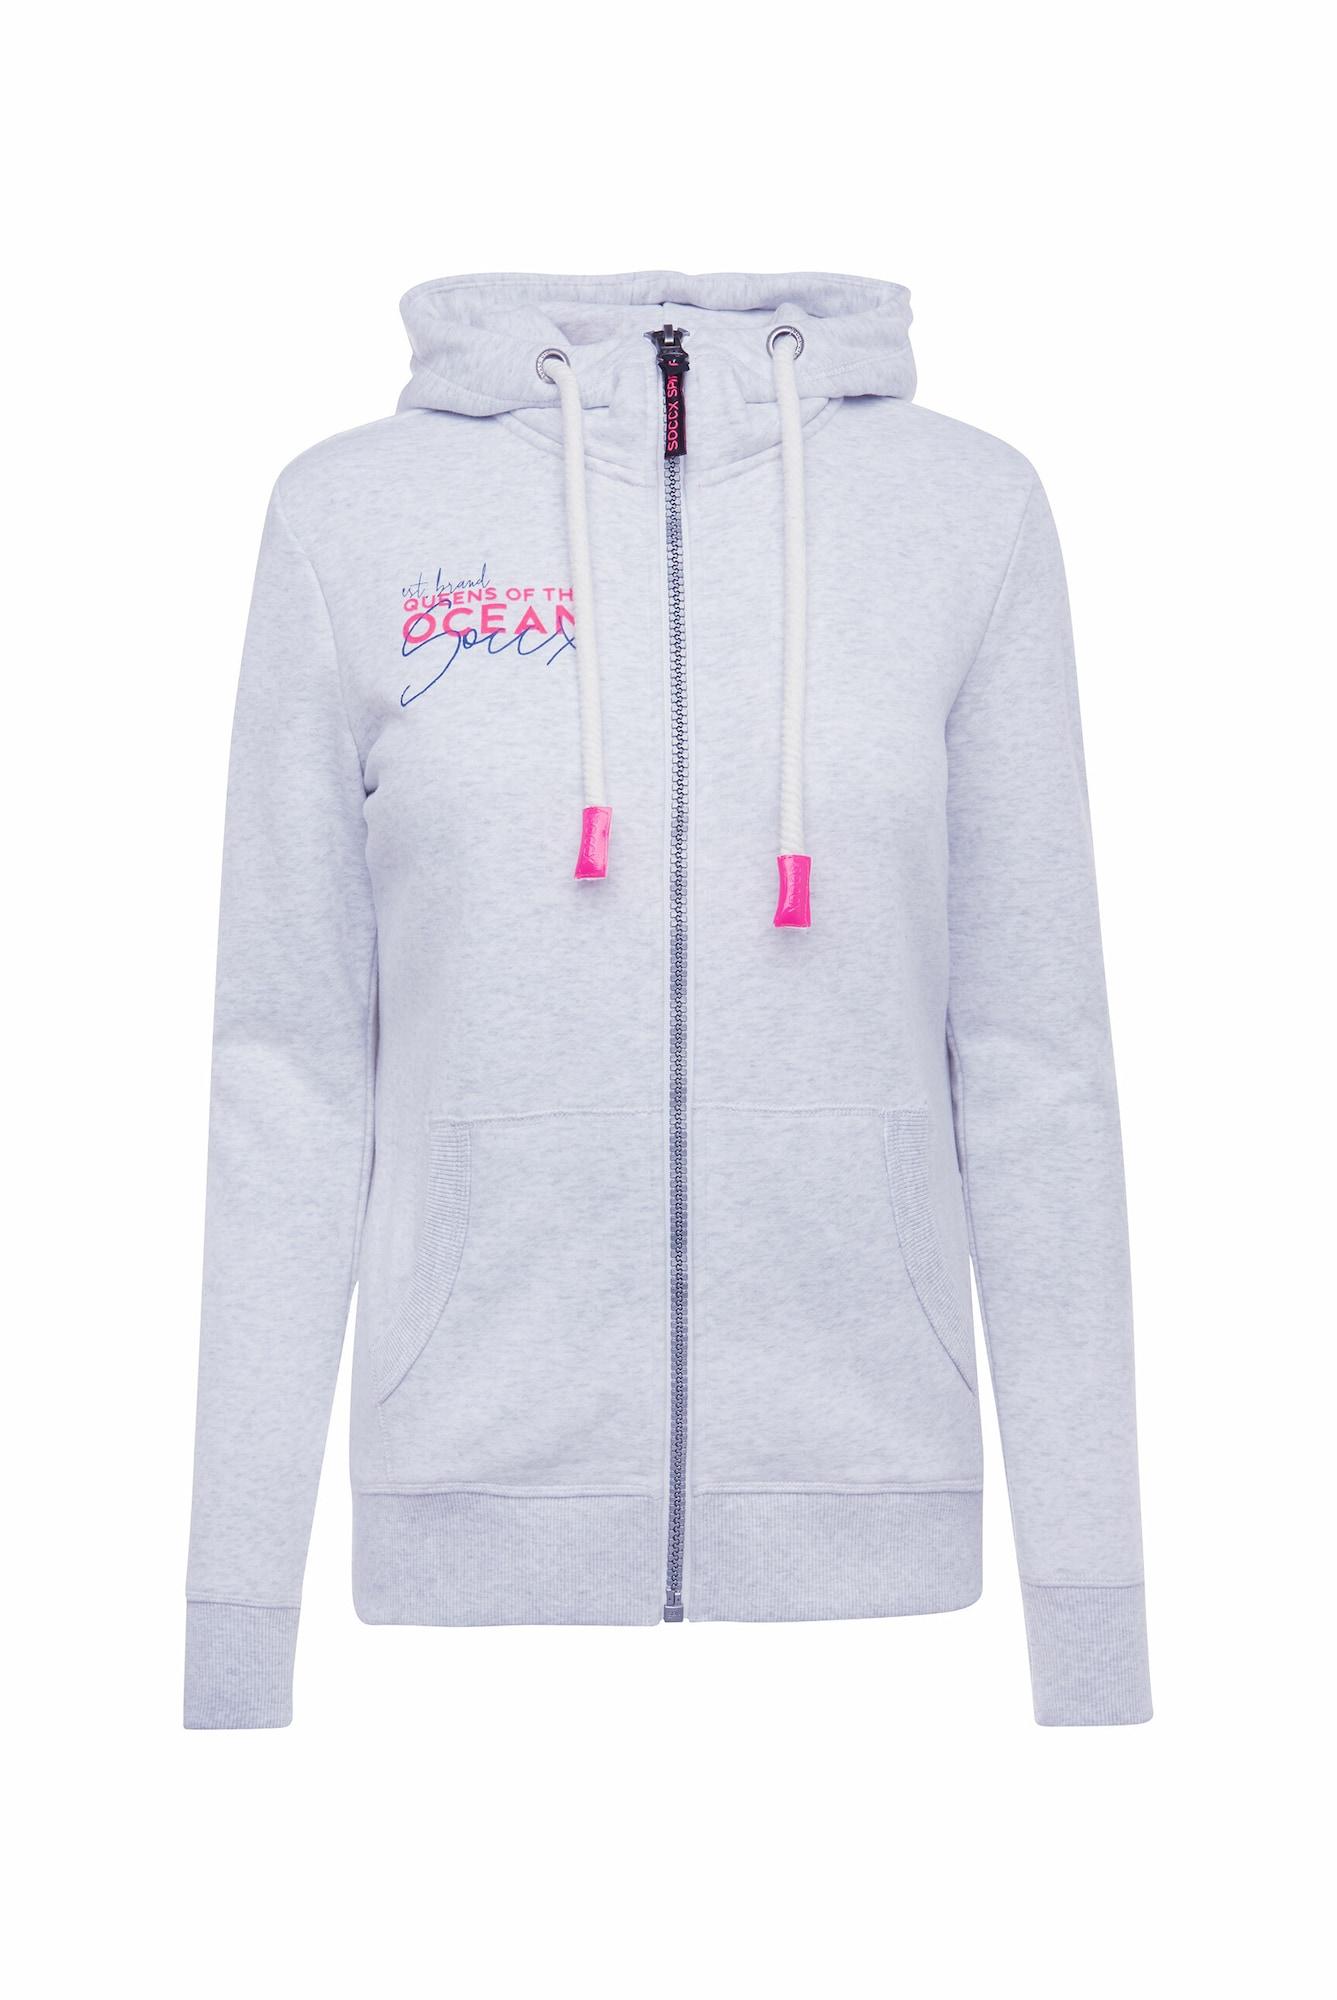 Sweatjacke | Bekleidung > Sweatshirts & -jacken > Sweatjacken | Soccx